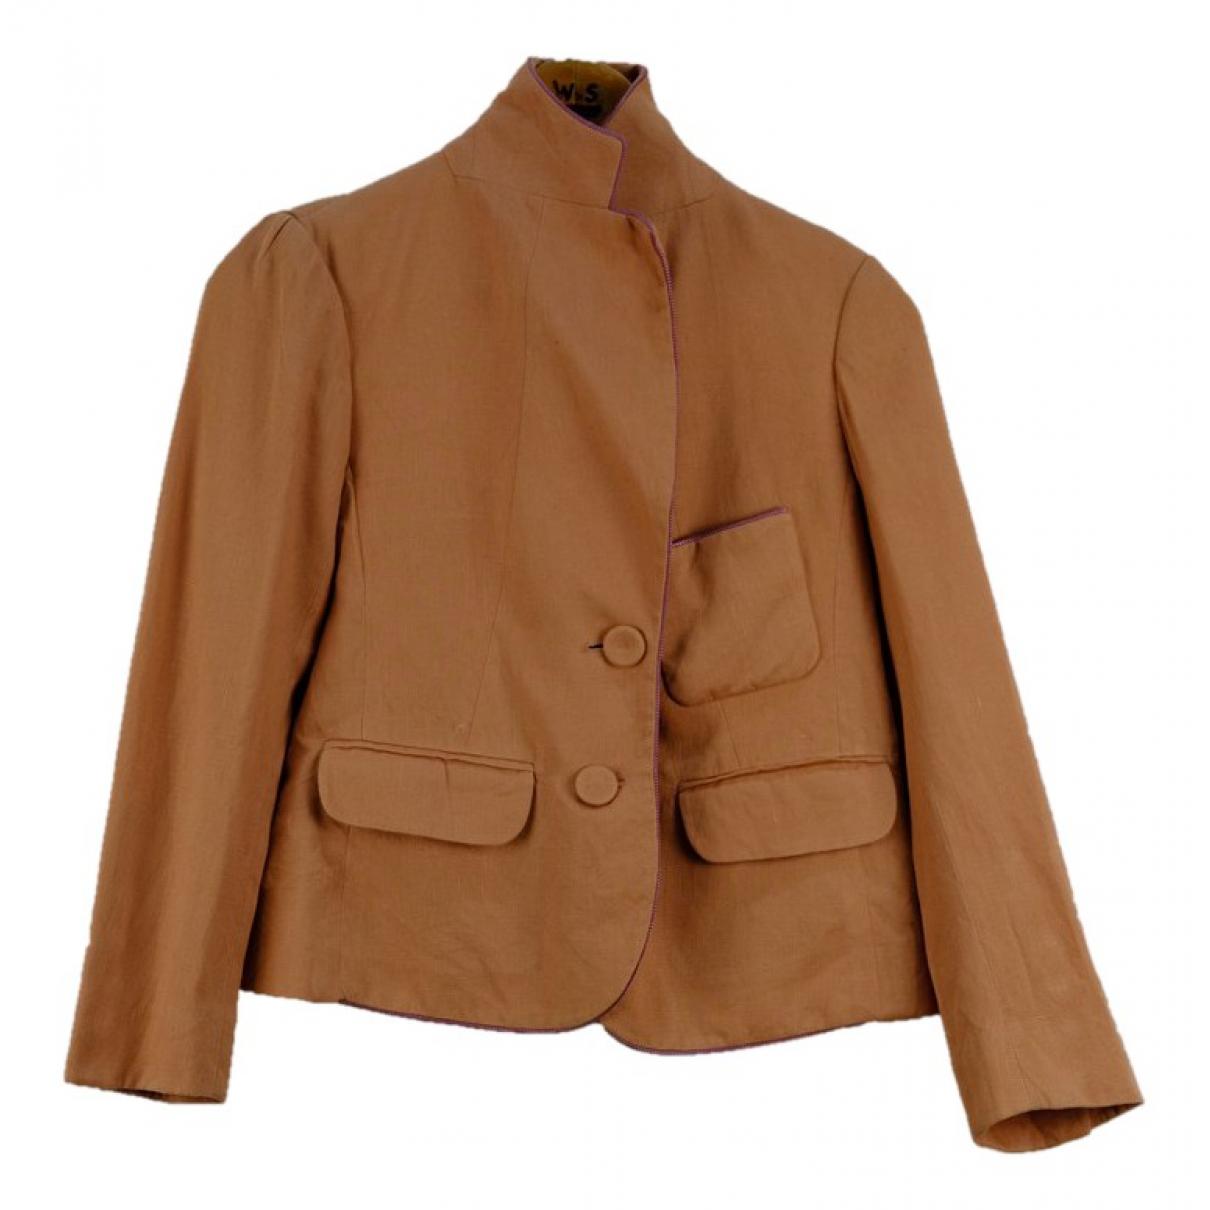 Sonia Rykiel N Brown Linen jacket for Women S International